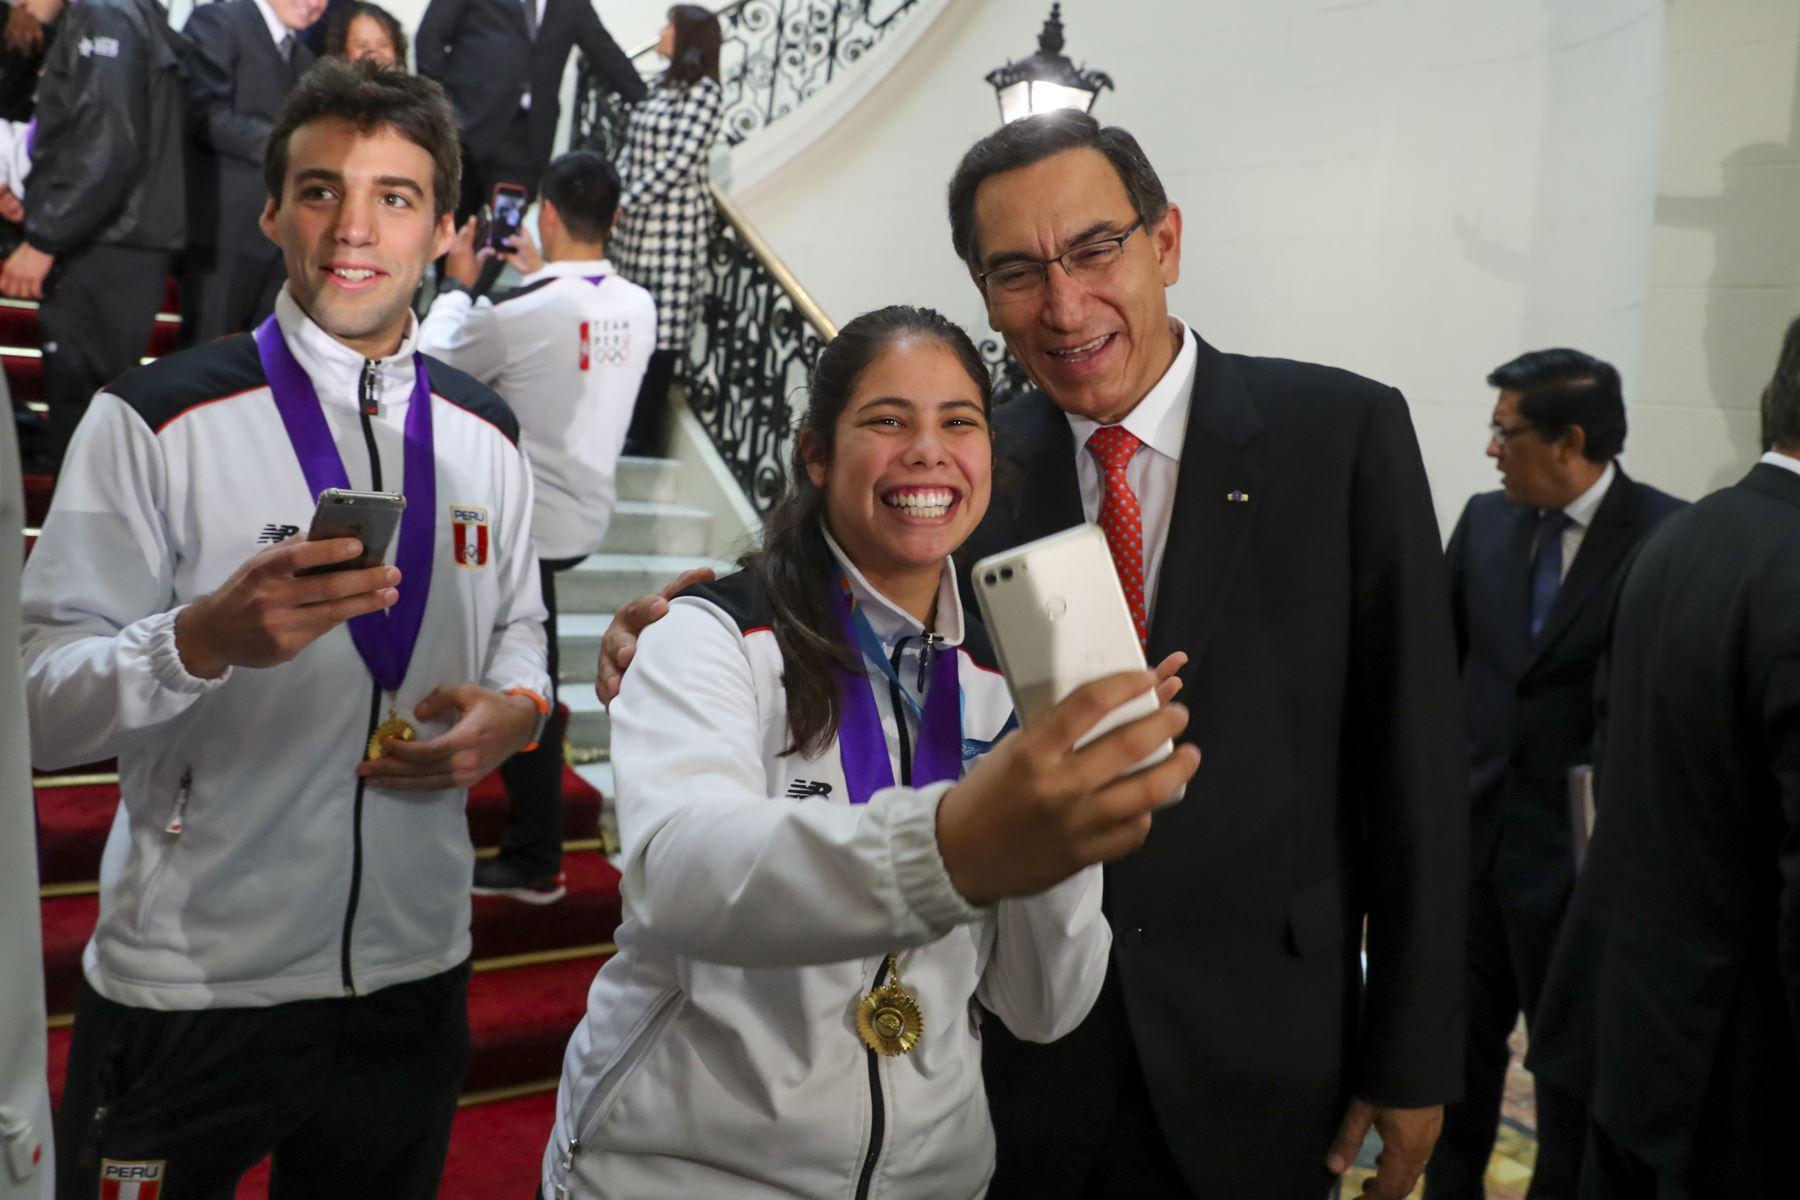 Deportistas nacionales que ganaron una medalla en los Juegos Panamericanos Lima 2019 en Palacio de Gobierno. Foto: ANDINA/Juan Pablo Azabache/ Prensa Presidencia